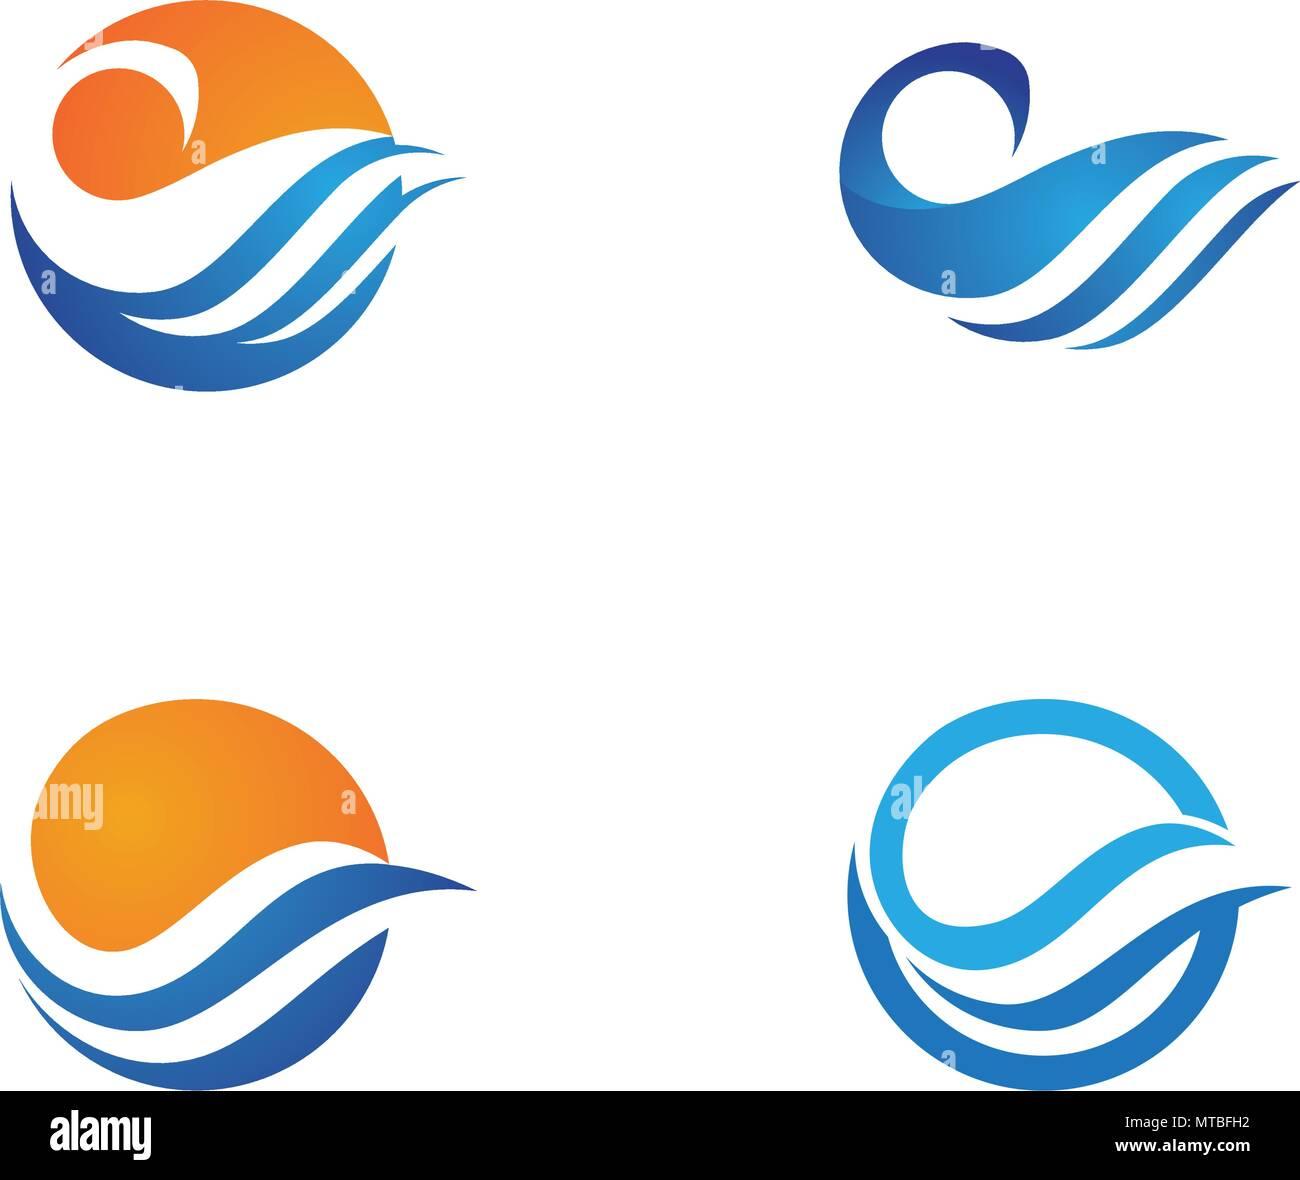 Banque Vectorielle l'icône de l'onde de l'eau logo design illustration vectorielle